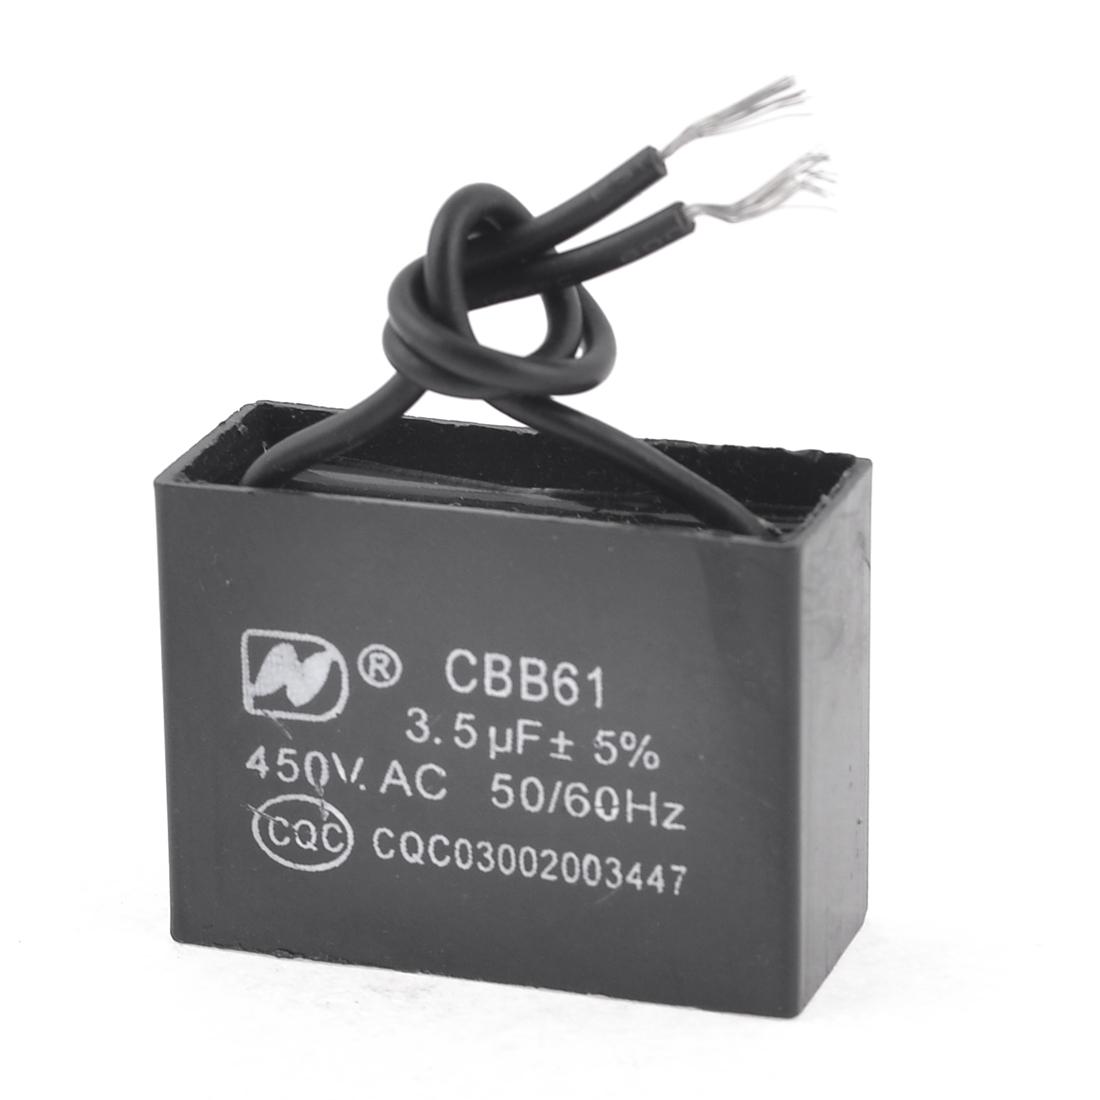 CBB61 Model Air Conditioner Fan Motor Running Capacitor 3.5uF AC 450V